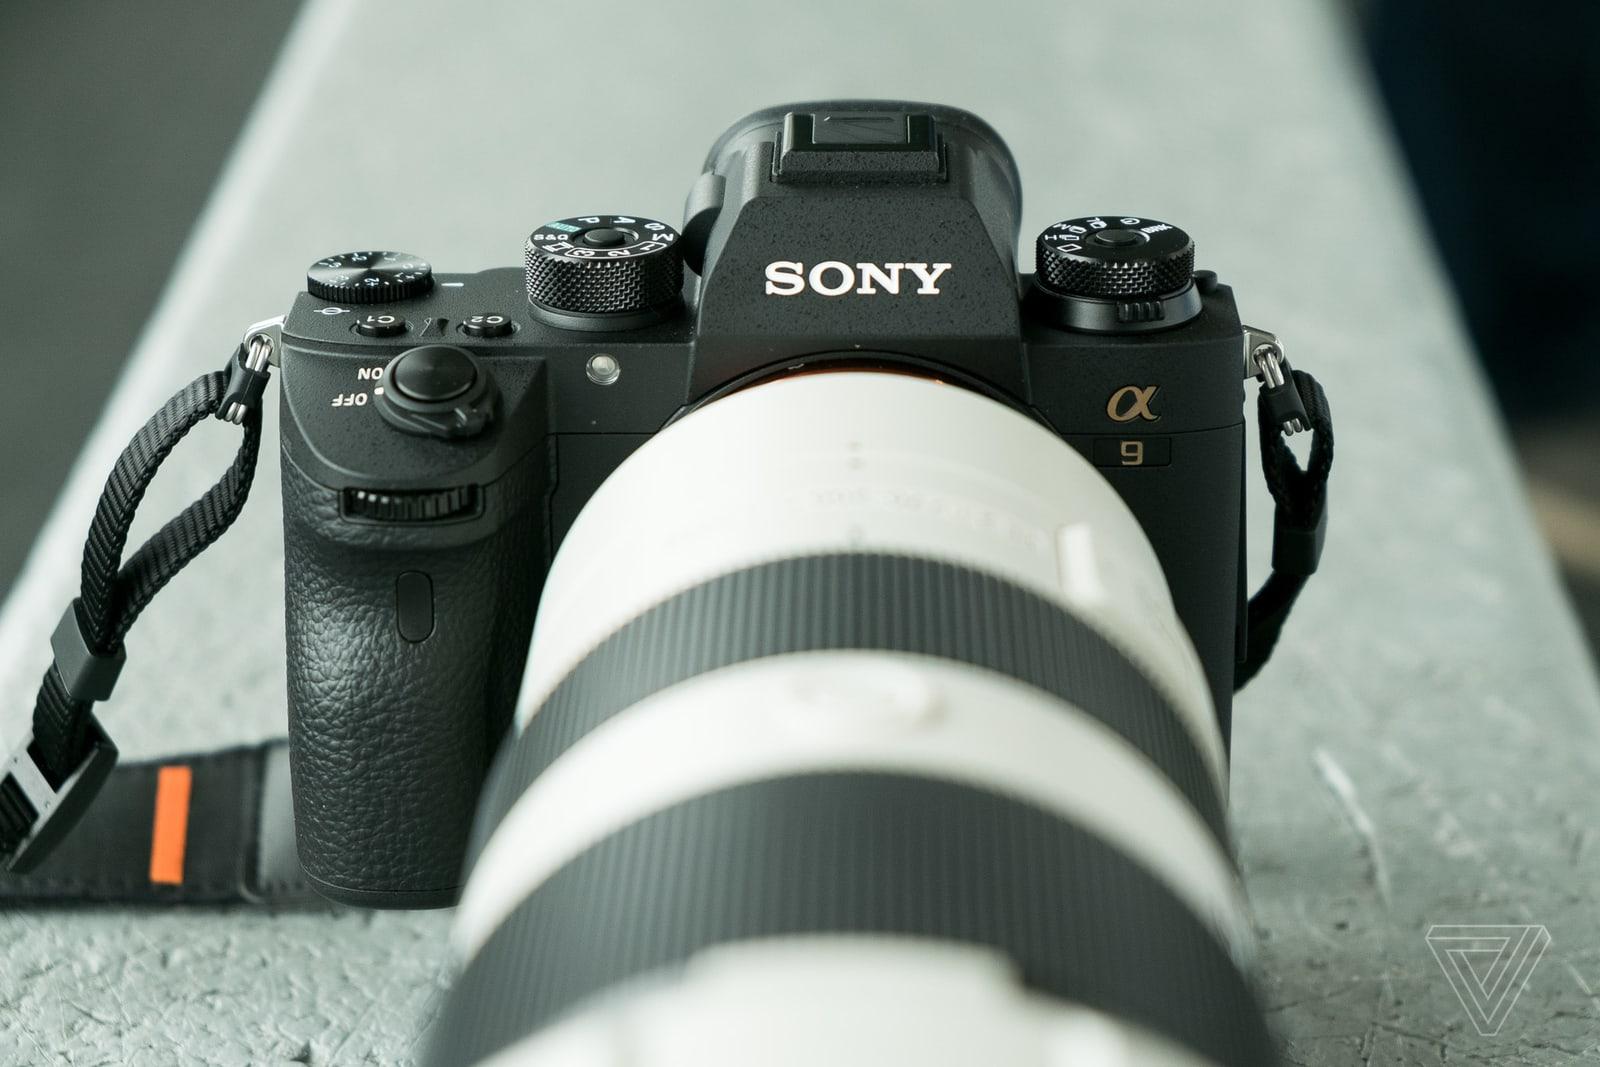 Sony công bố máy ảnh A9 II với tốc độ chụp siêu nhanh, giá 4500 USD chỉ riêng body